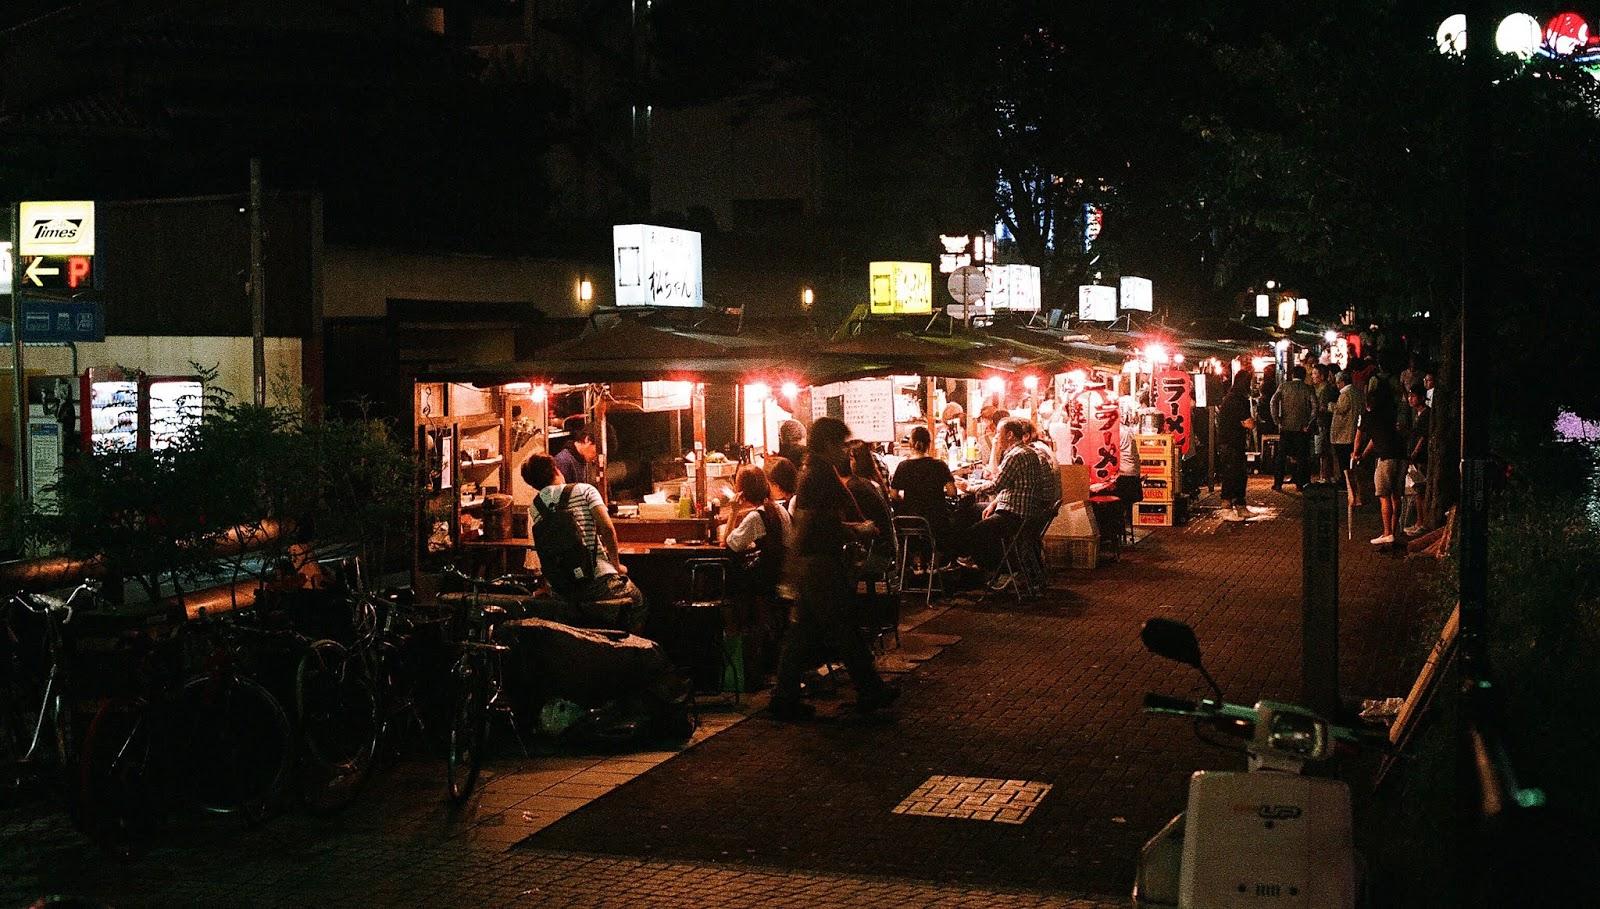 福岡-景點-推薦-中洲屋台-福岡好玩景點-福岡必玩景點-福岡必去景點-福岡自由行景點-攻略-市區-郊區-旅遊-行程-Fukuoka-Tourist-Attraction